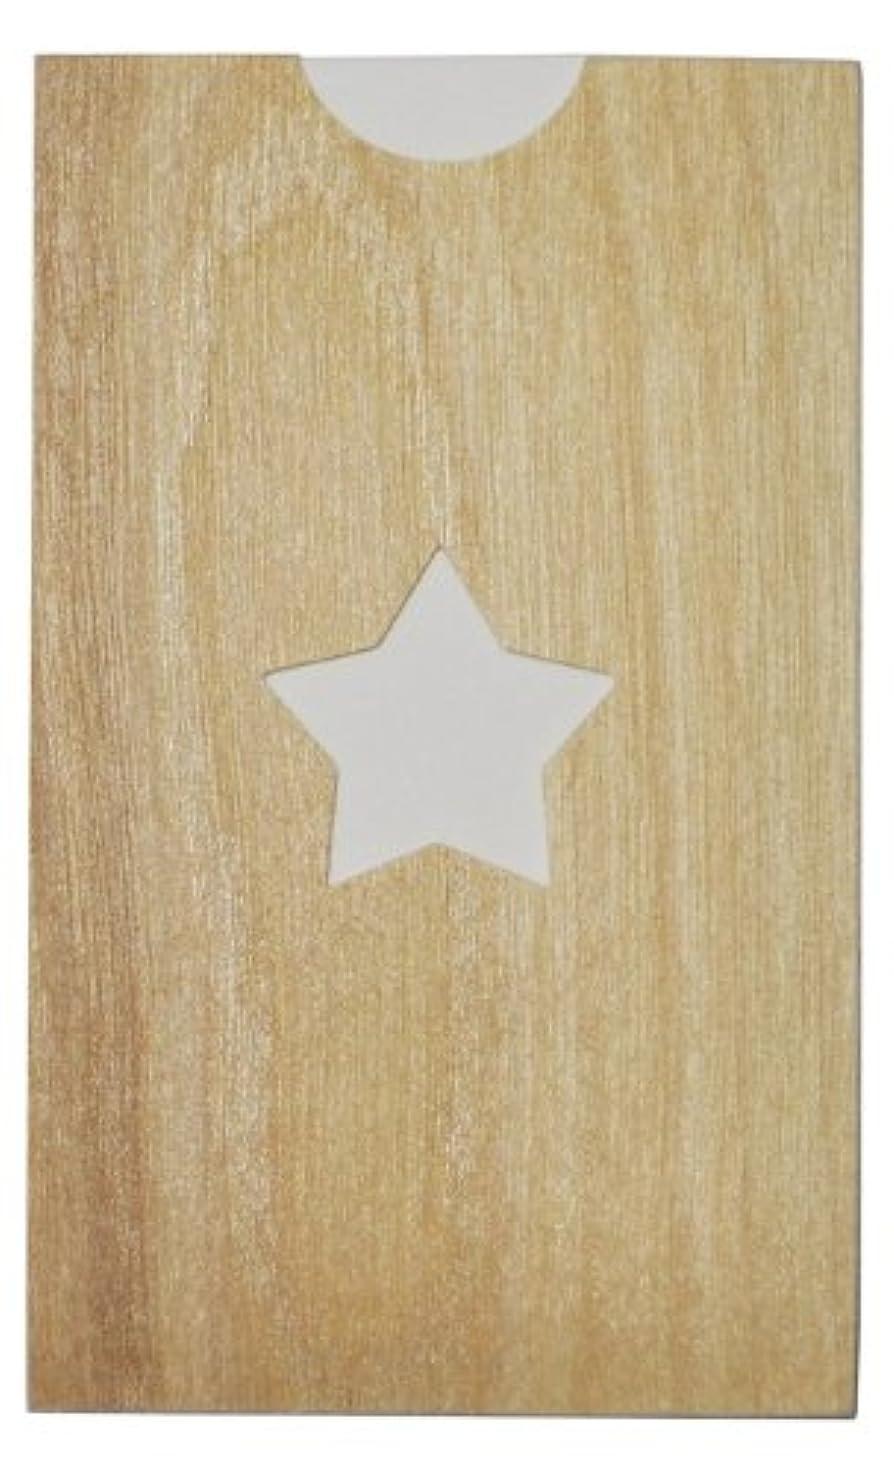 なんとなくアラビア語臭いyuica(ユイカ) 香りのカード /星(ヒノキのシートケース+ムエット紙10枚)